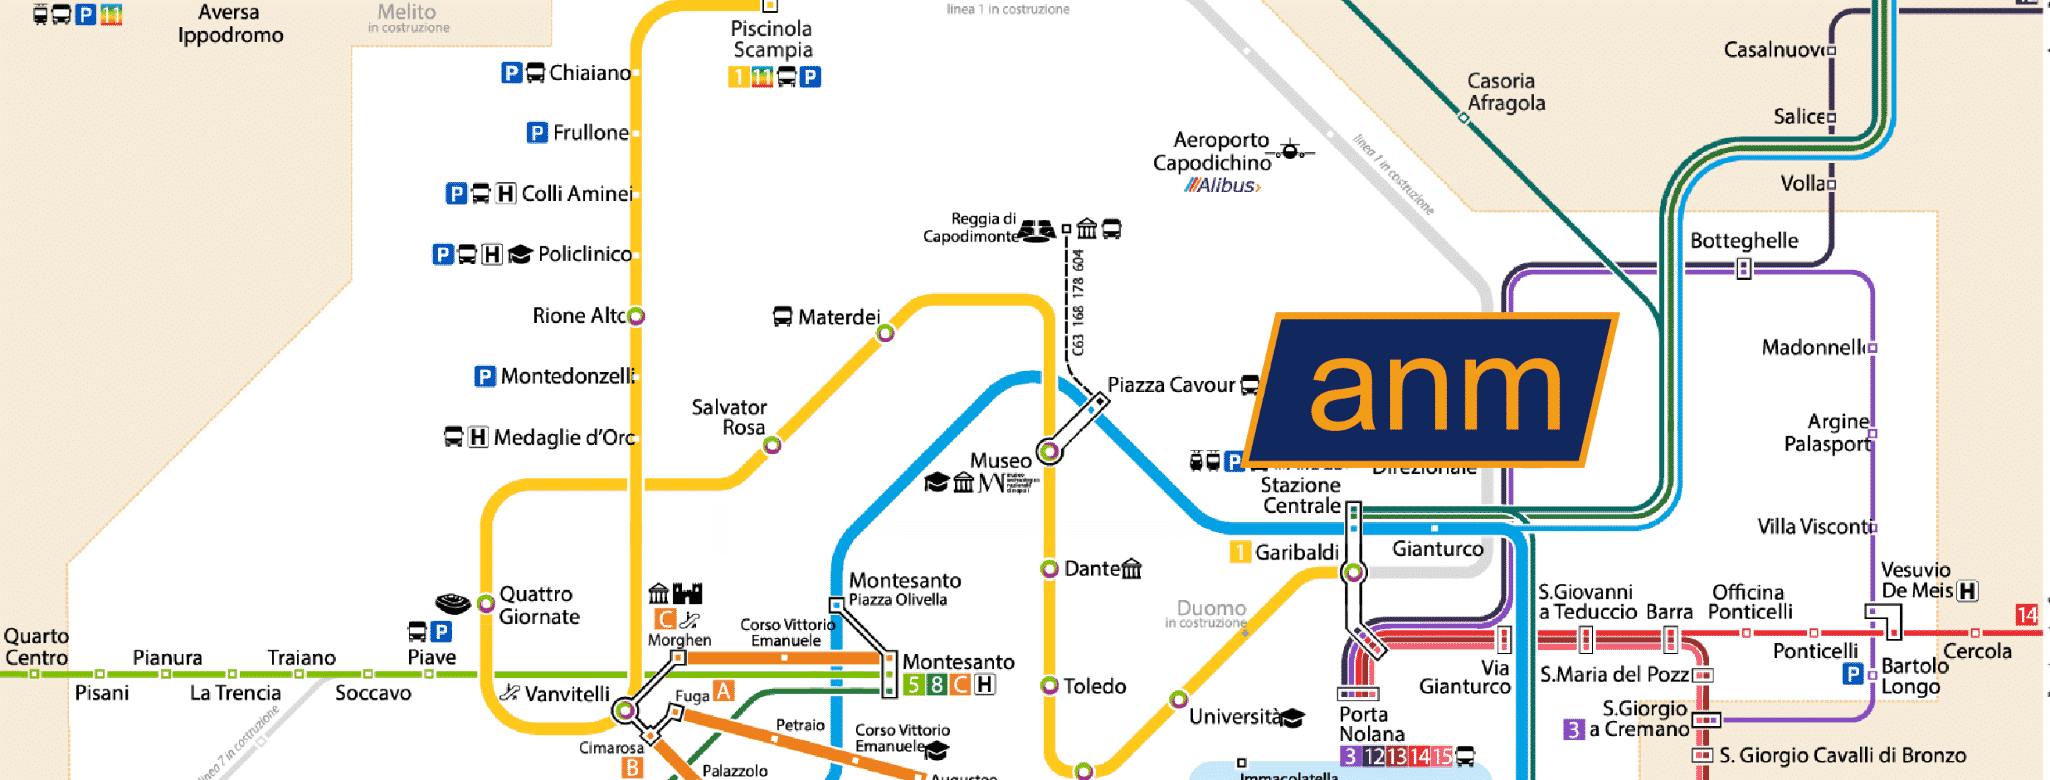 Avvisi ANM giorno 22/09 per la metro e funicolare